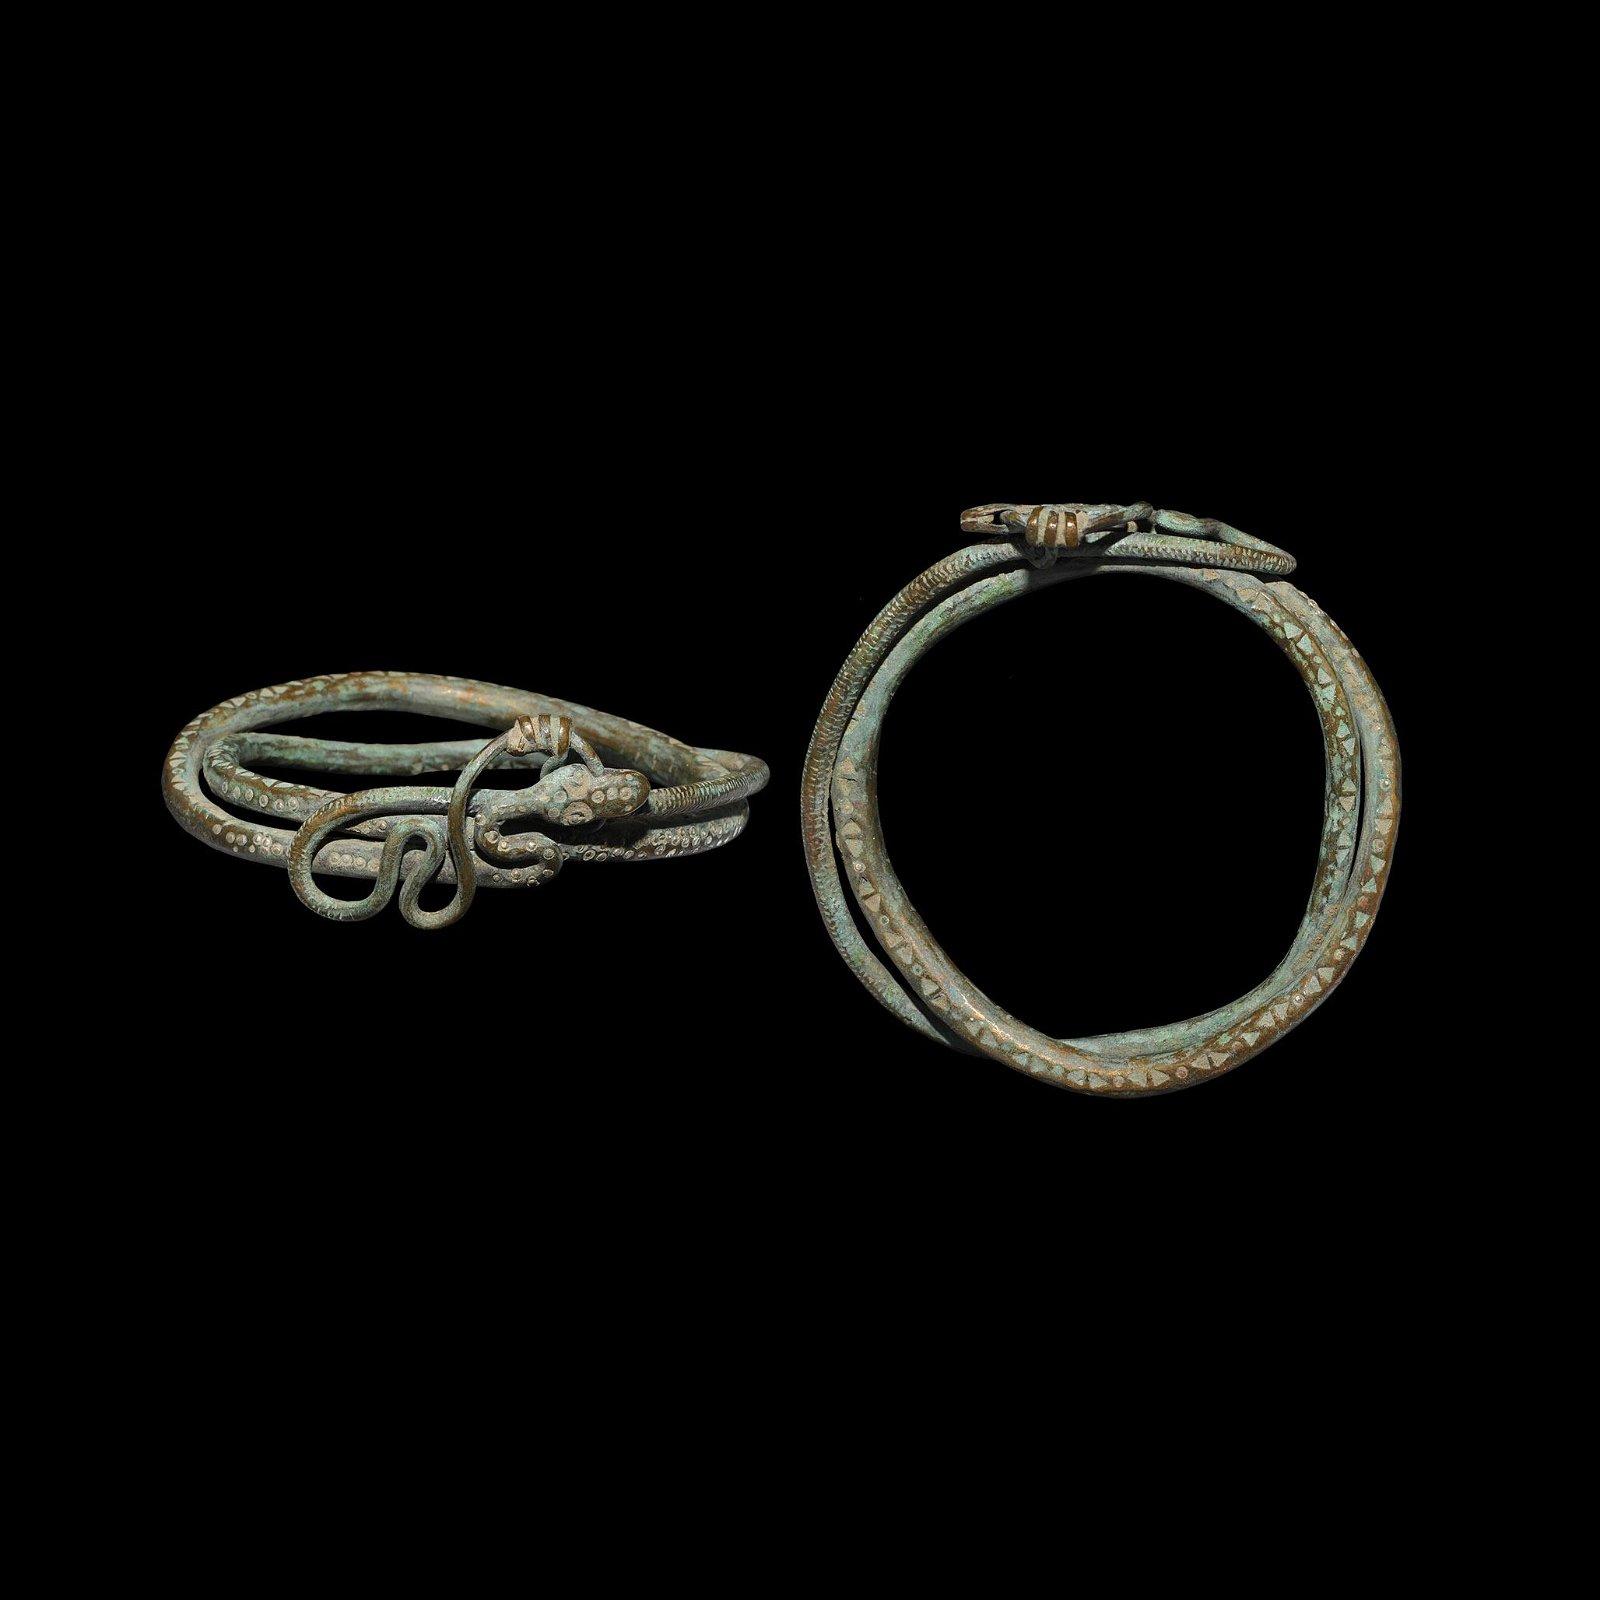 Viking Silver-Inlaid Snake Arm Ring